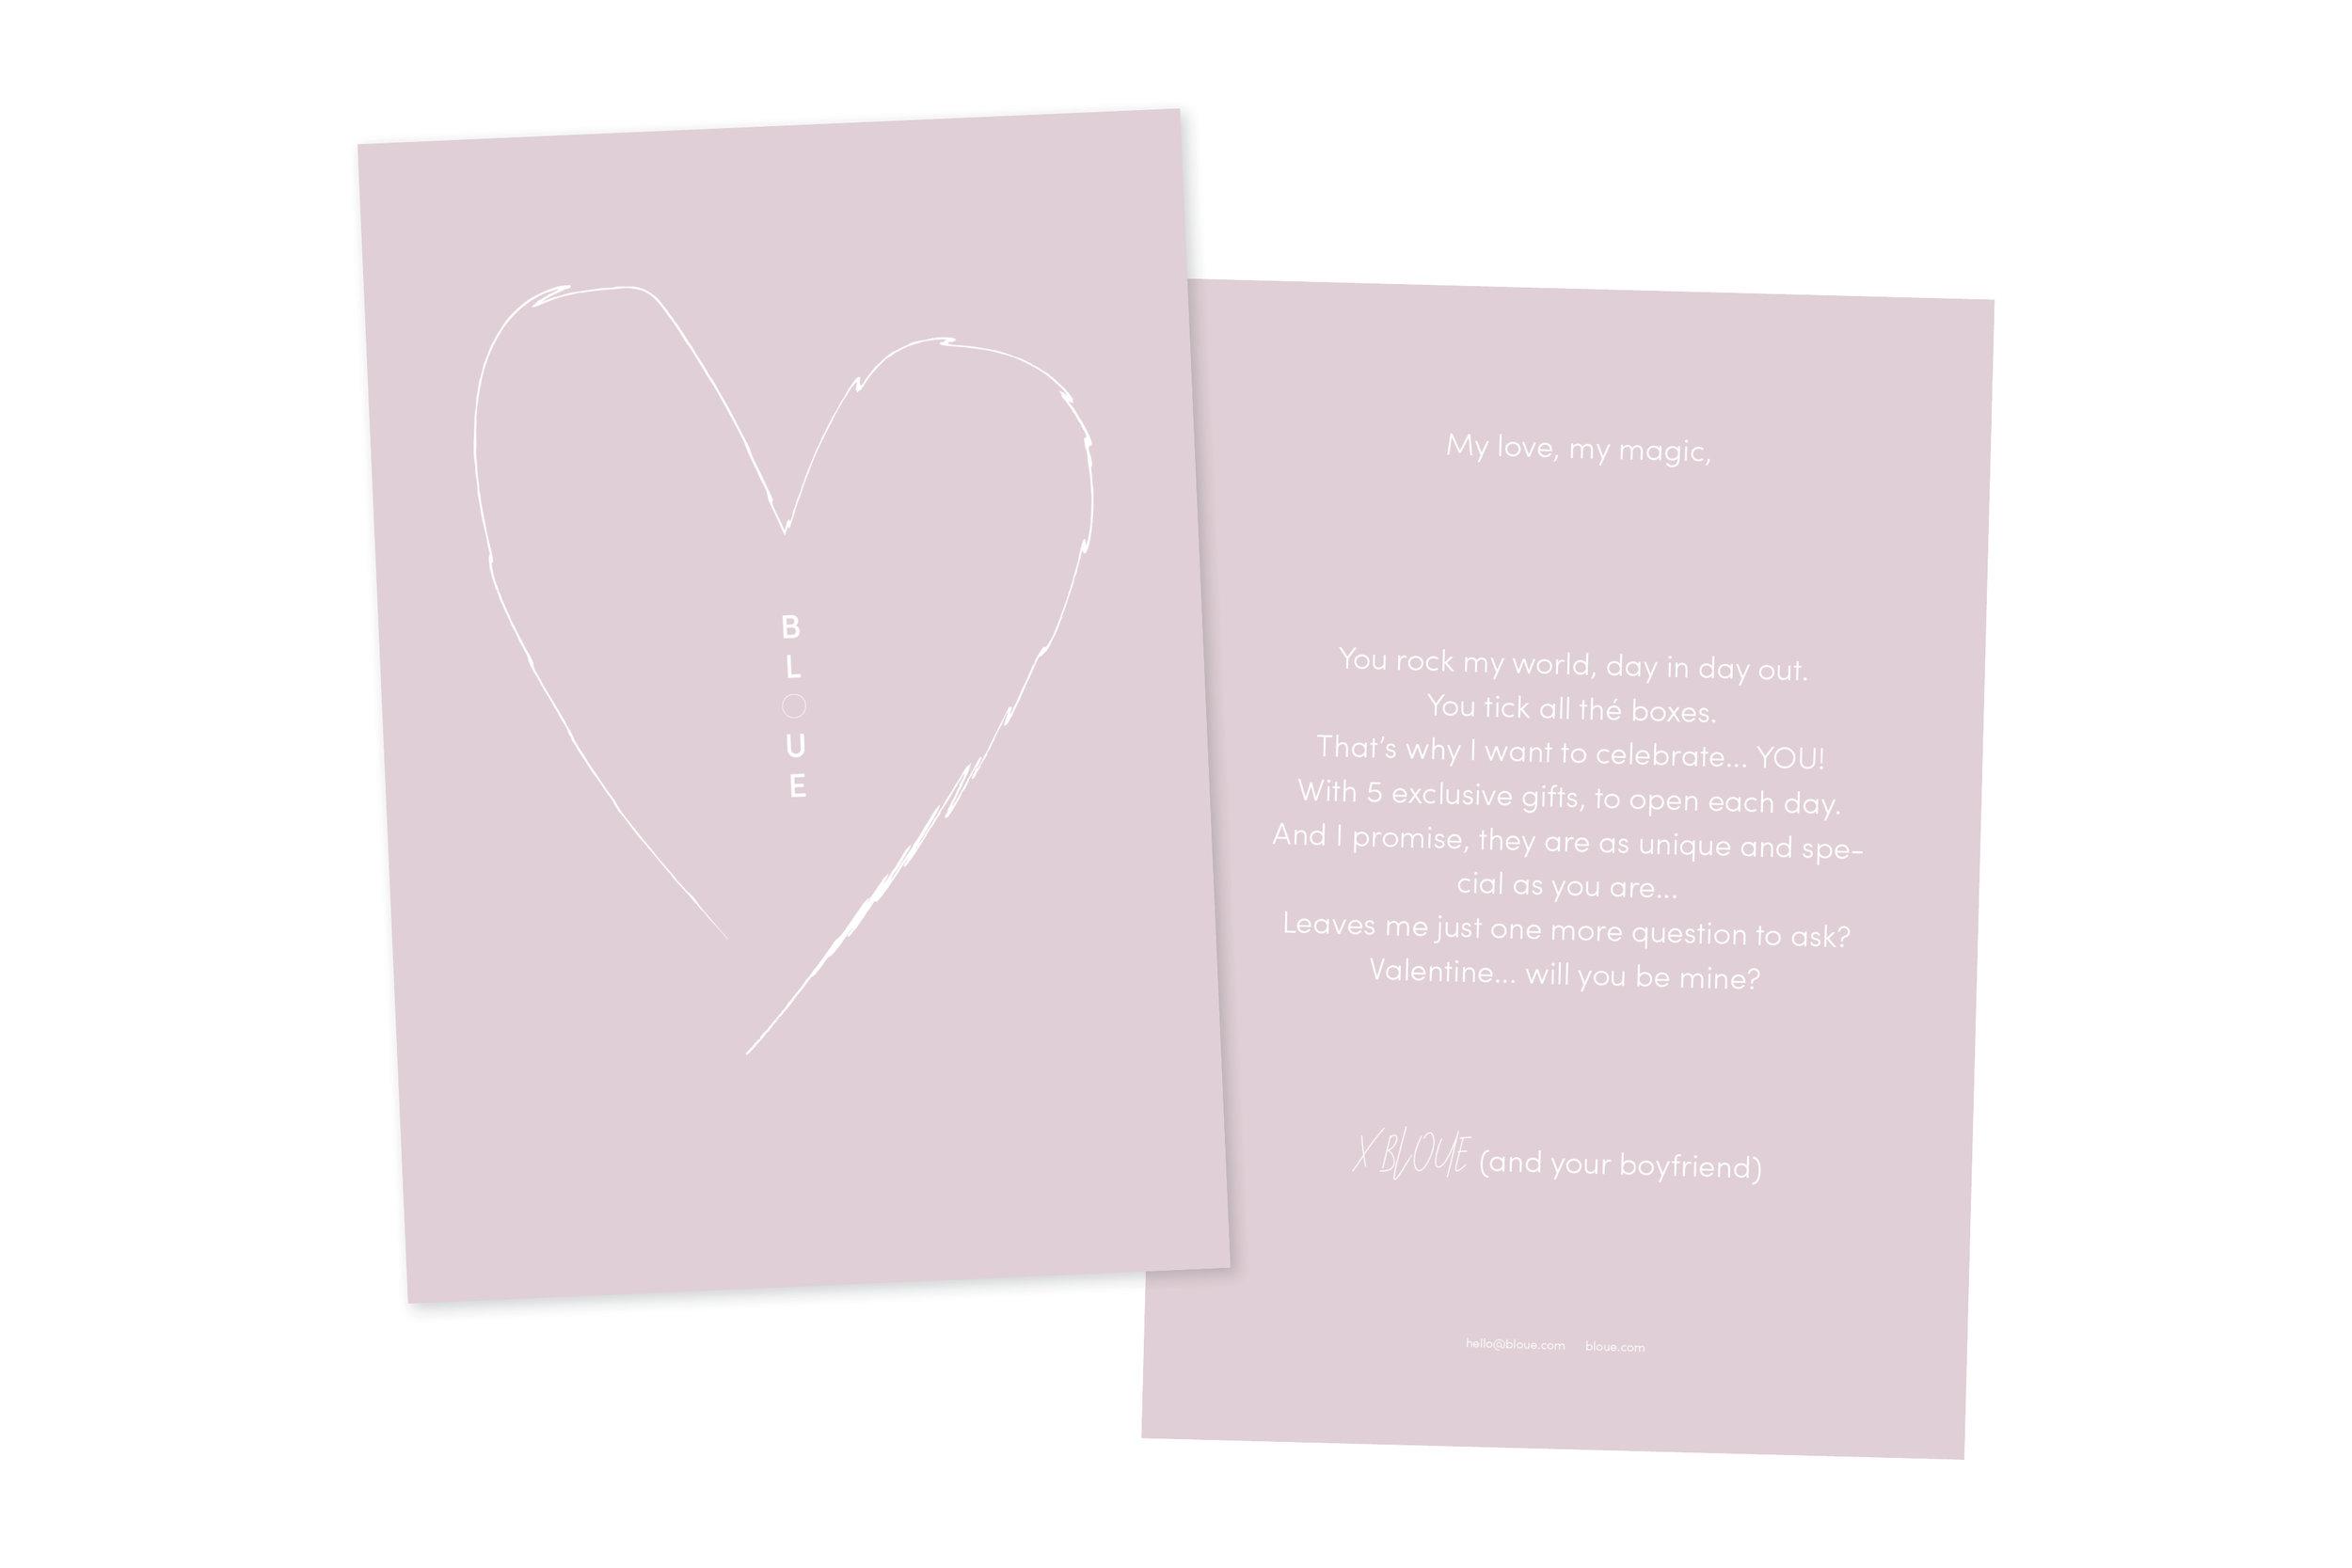 BLOUE_2x3SITE_Valentine_card.jpg